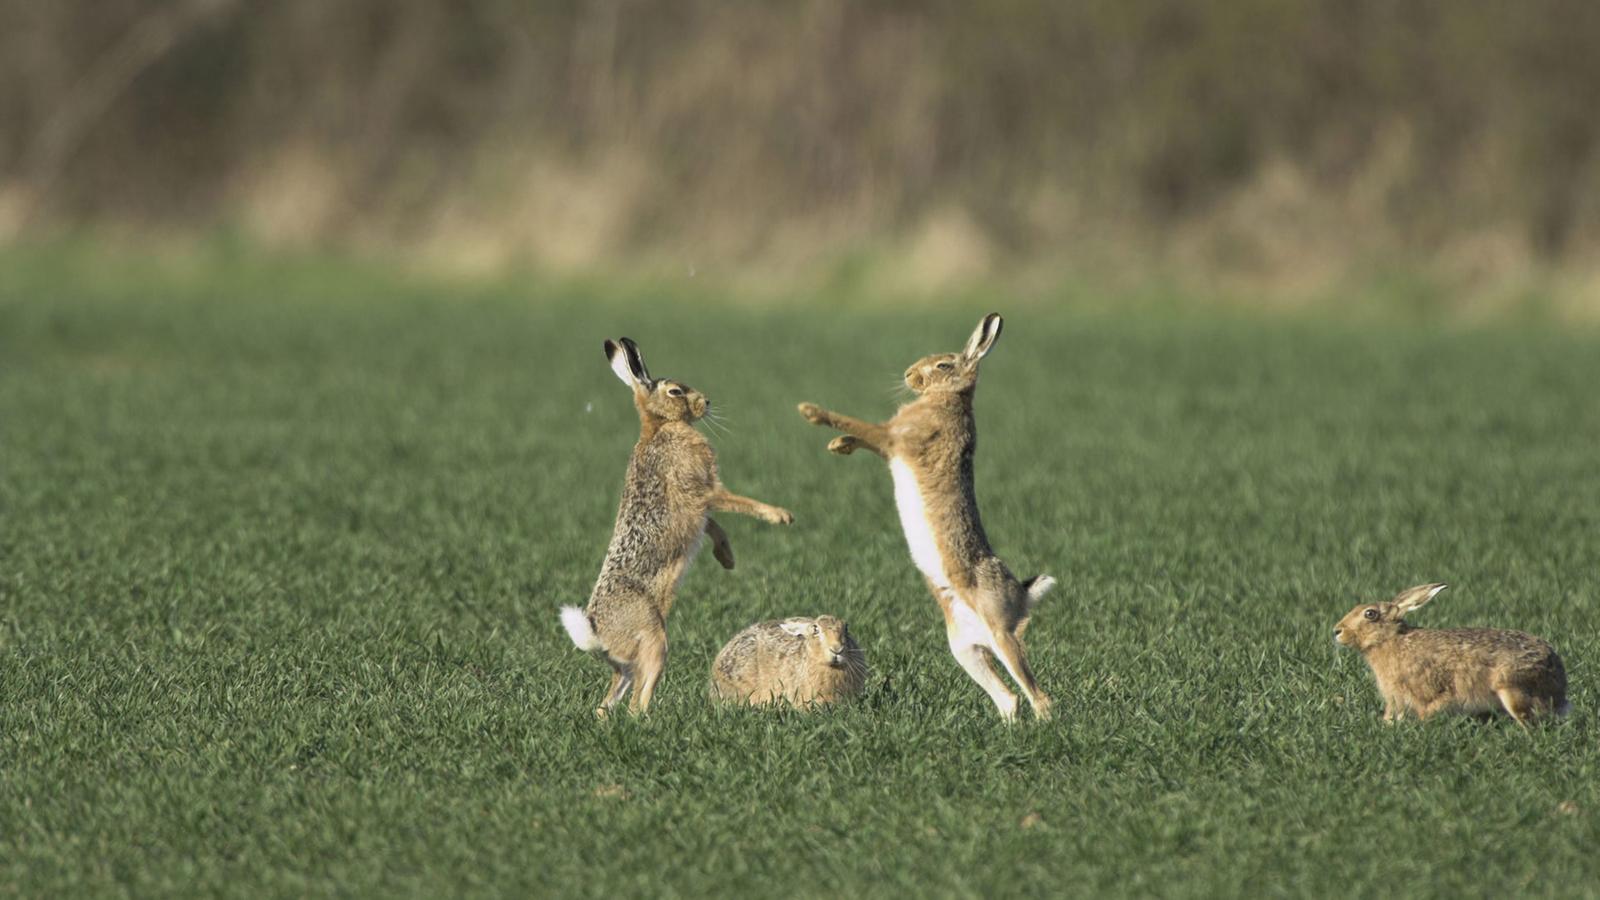 Hase kaninchen unterschied